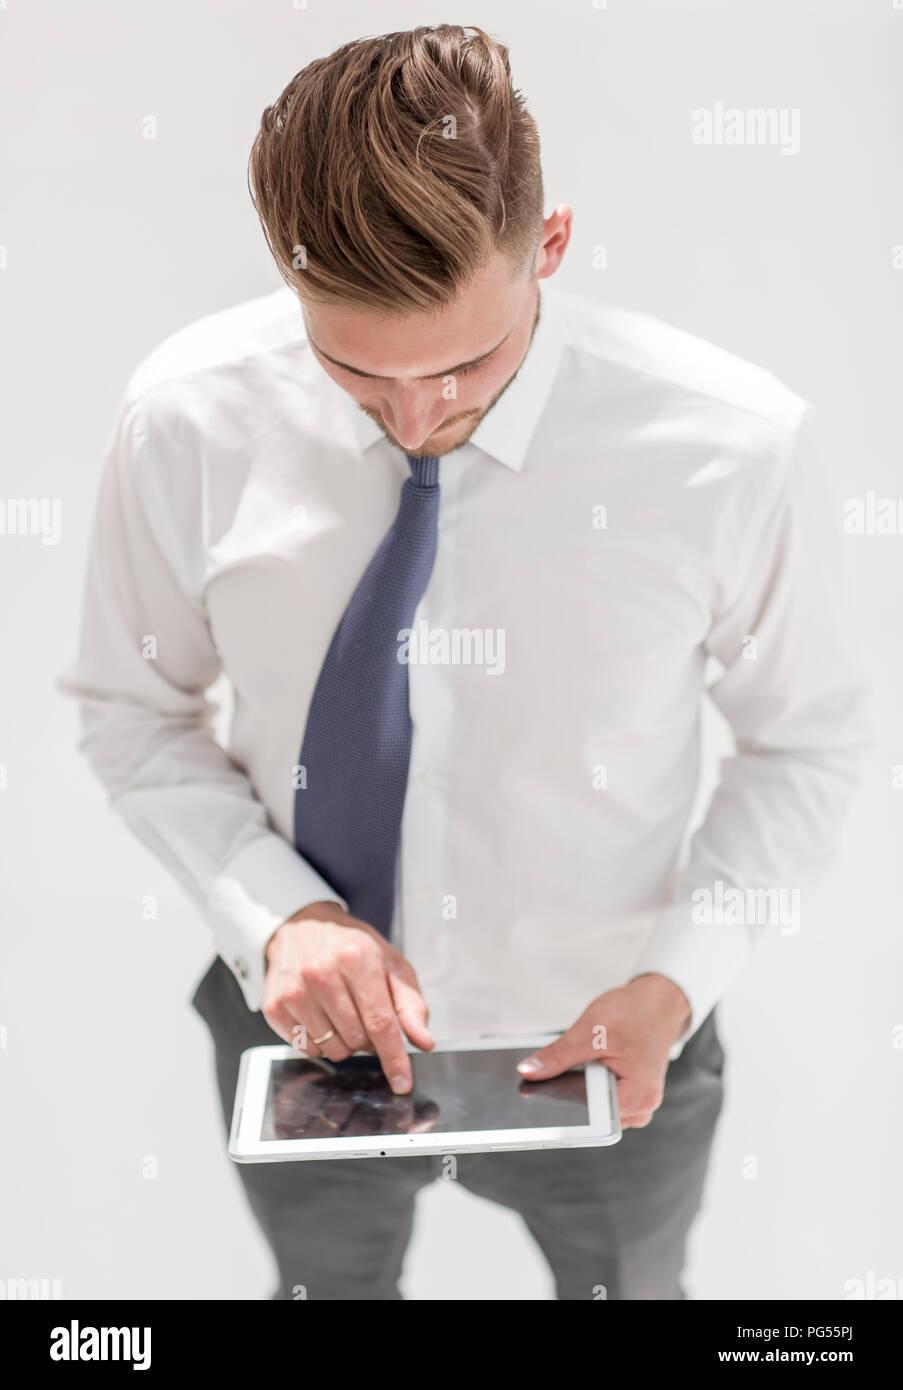 Homme confiant dans une chemise et cravate travaille sur une tablette numérique Banque D'Images